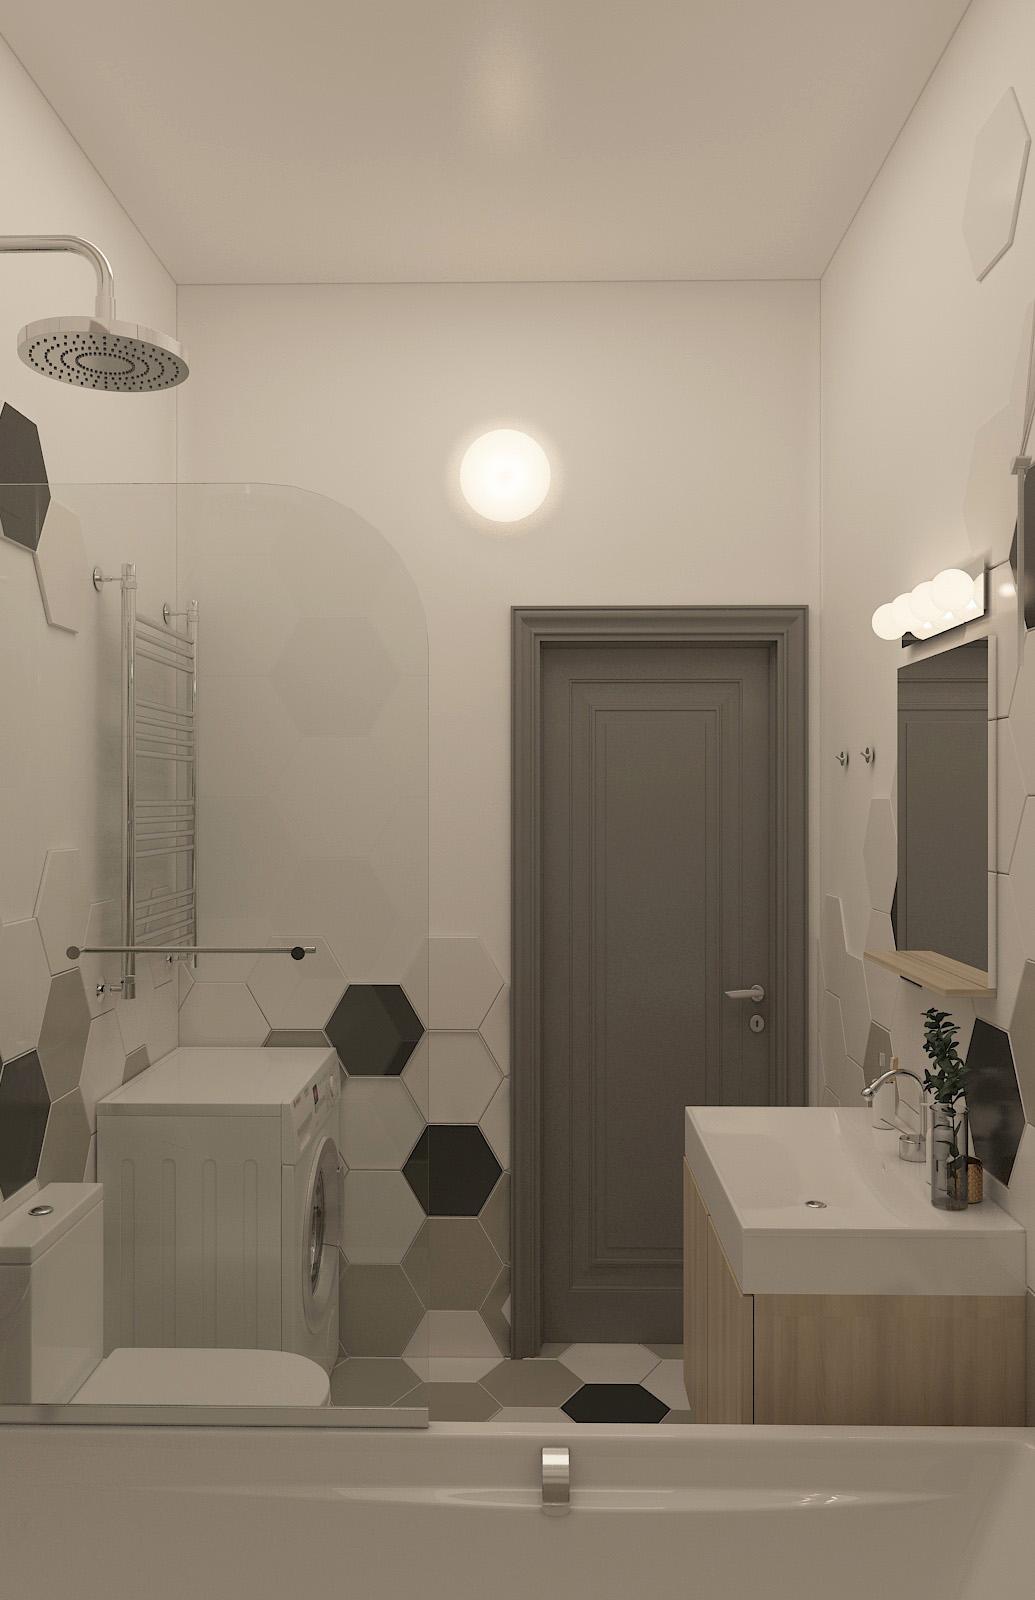 Інтер'єр ванної кімнати | дизайн-проект ЖК «Єнісейська садиба»